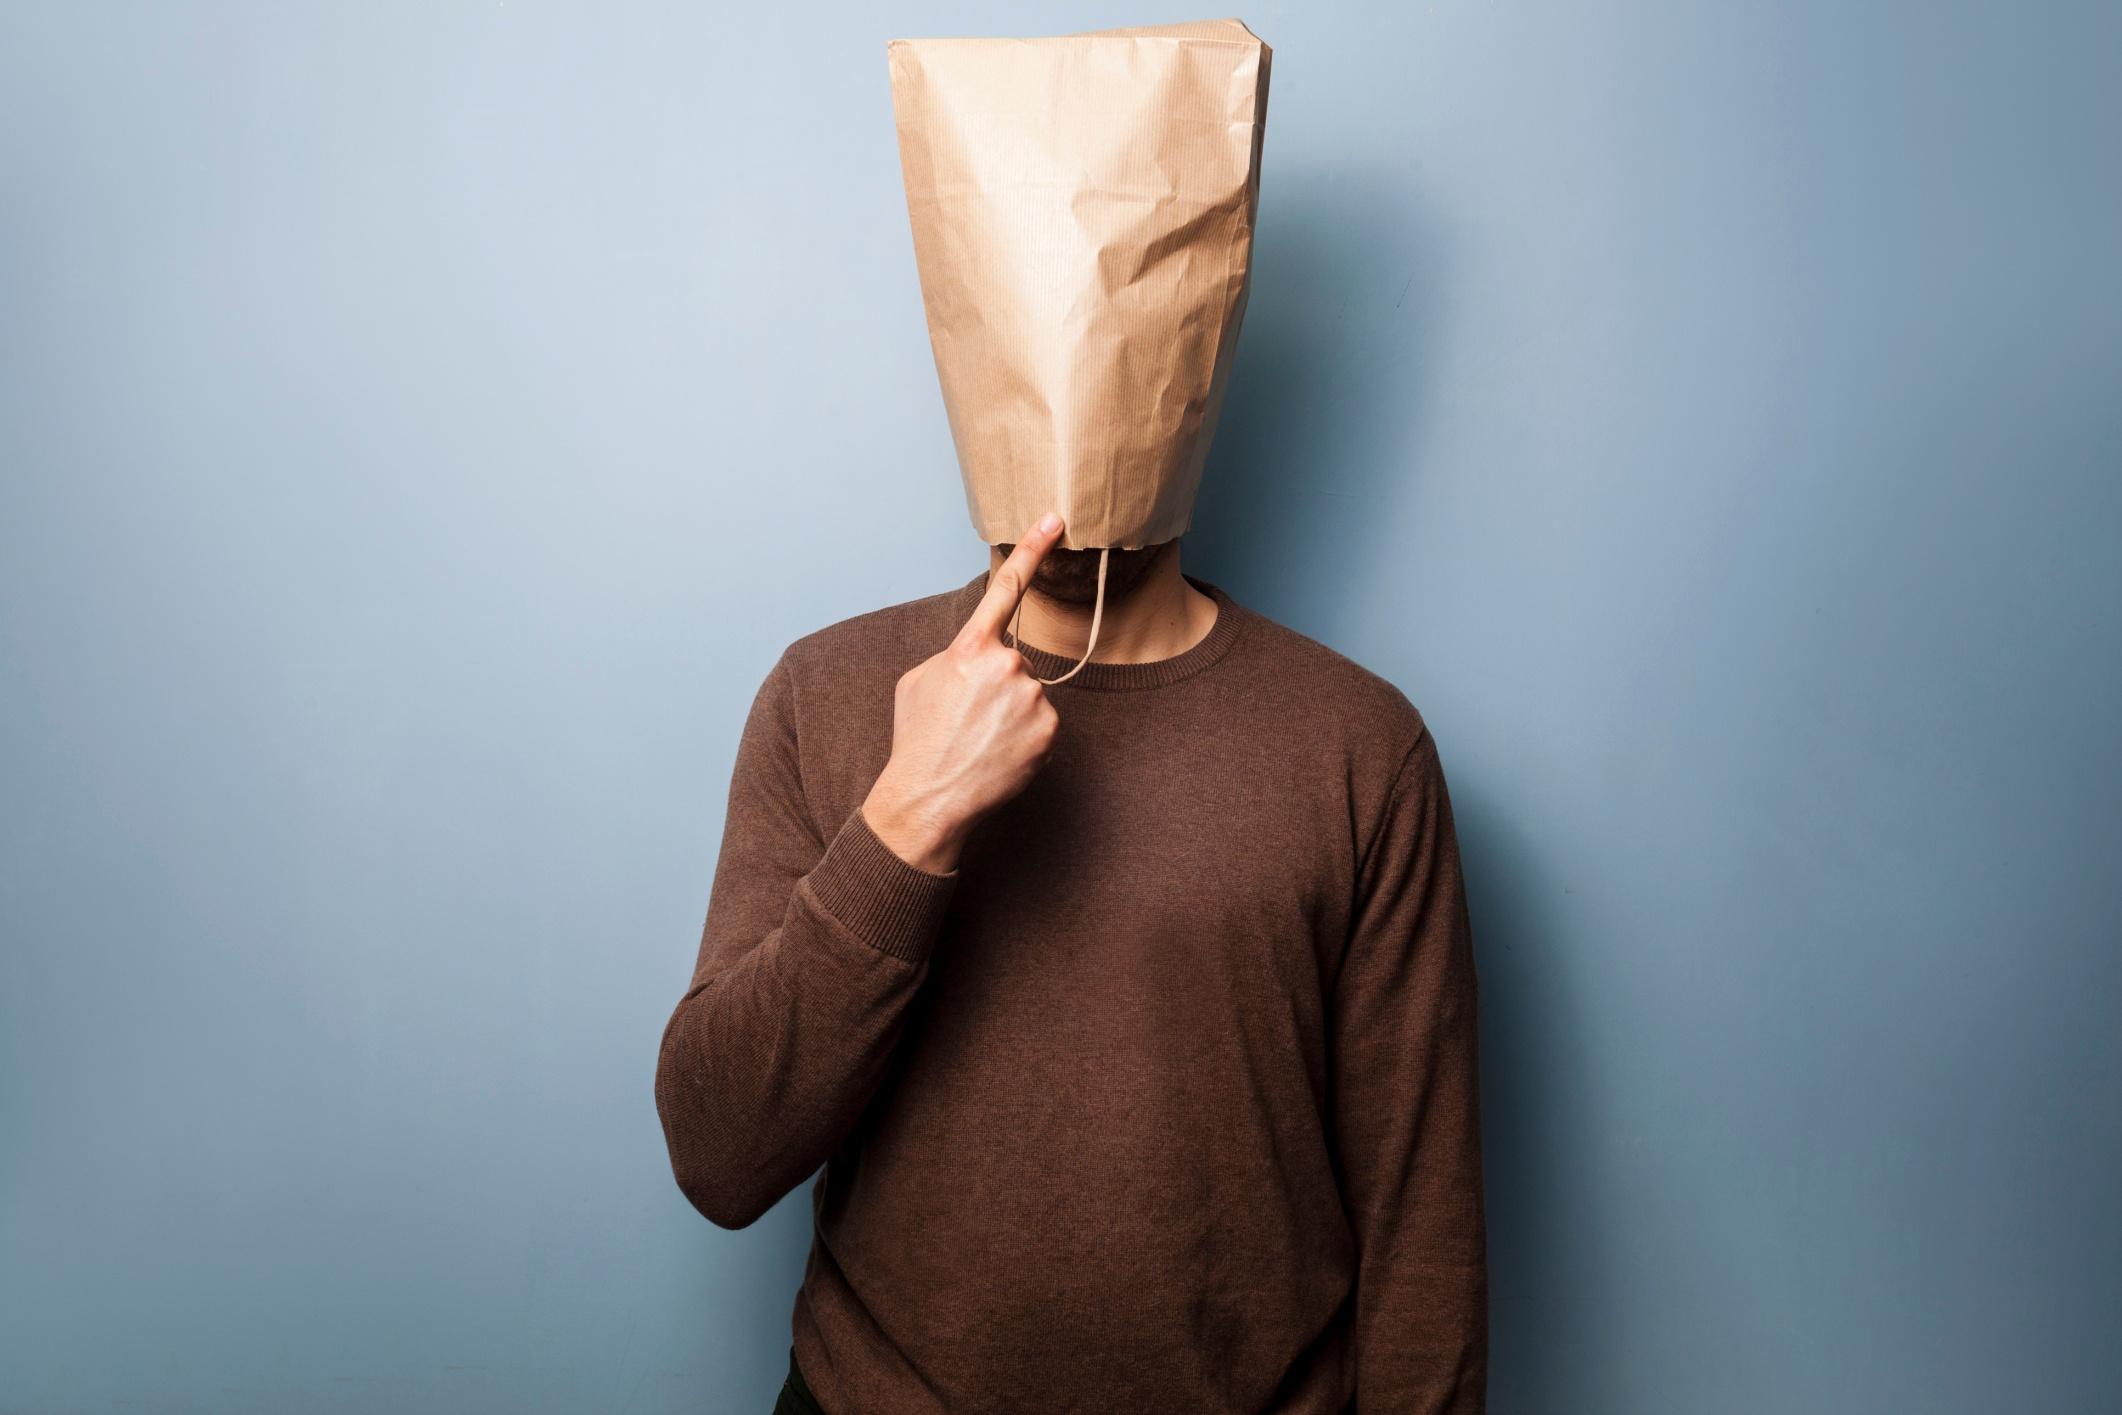 bag-guy.jpg